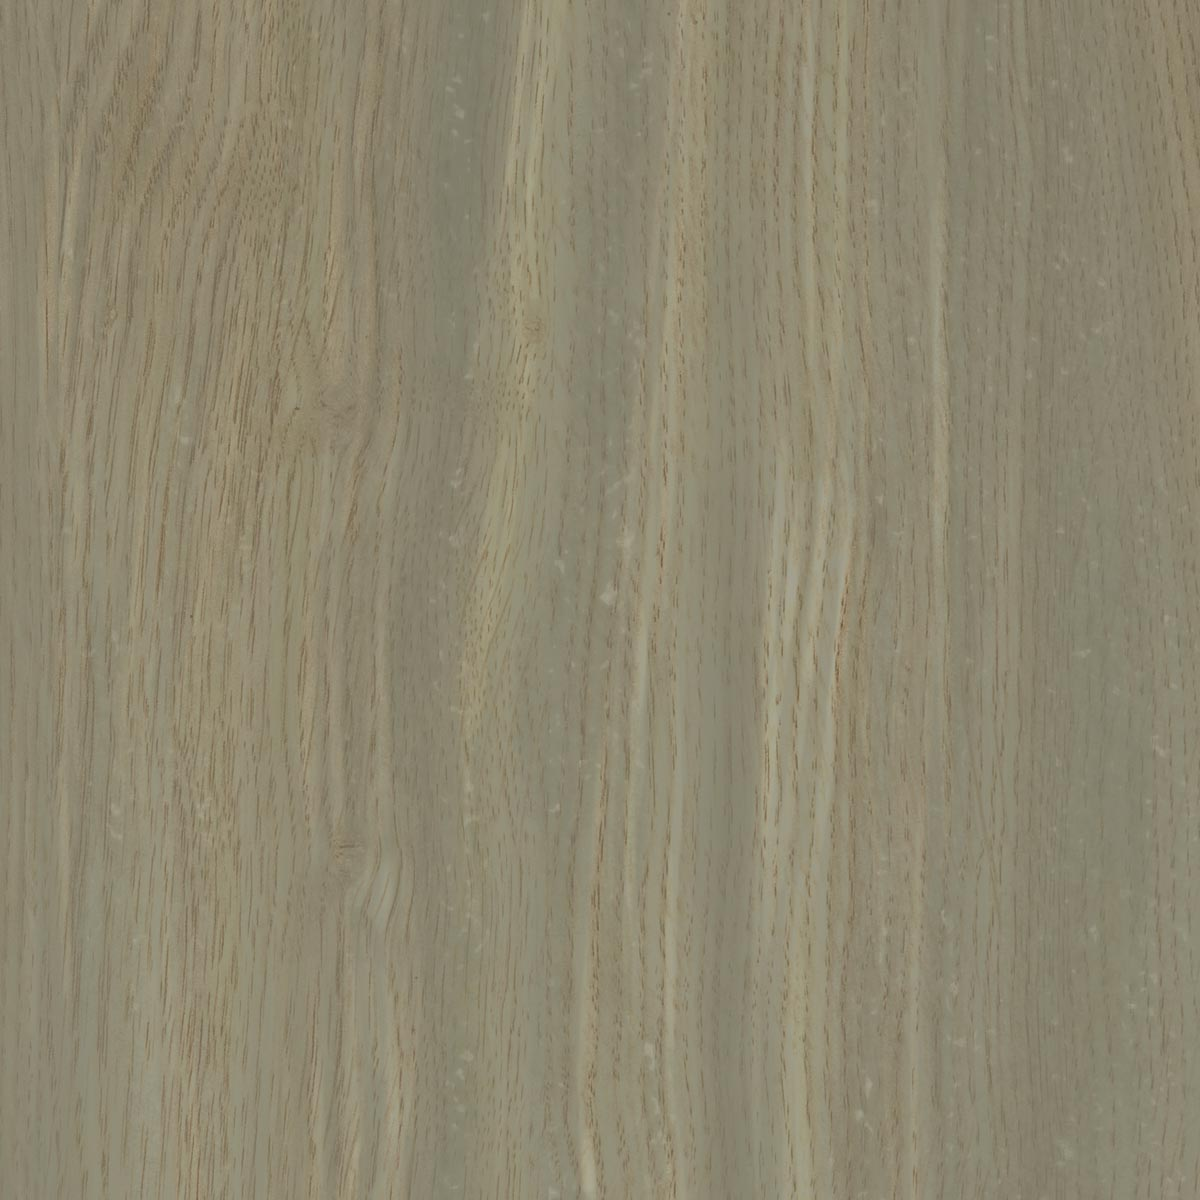 FolkArt ® Pickling Wash™ - Driftwood, 2 oz.